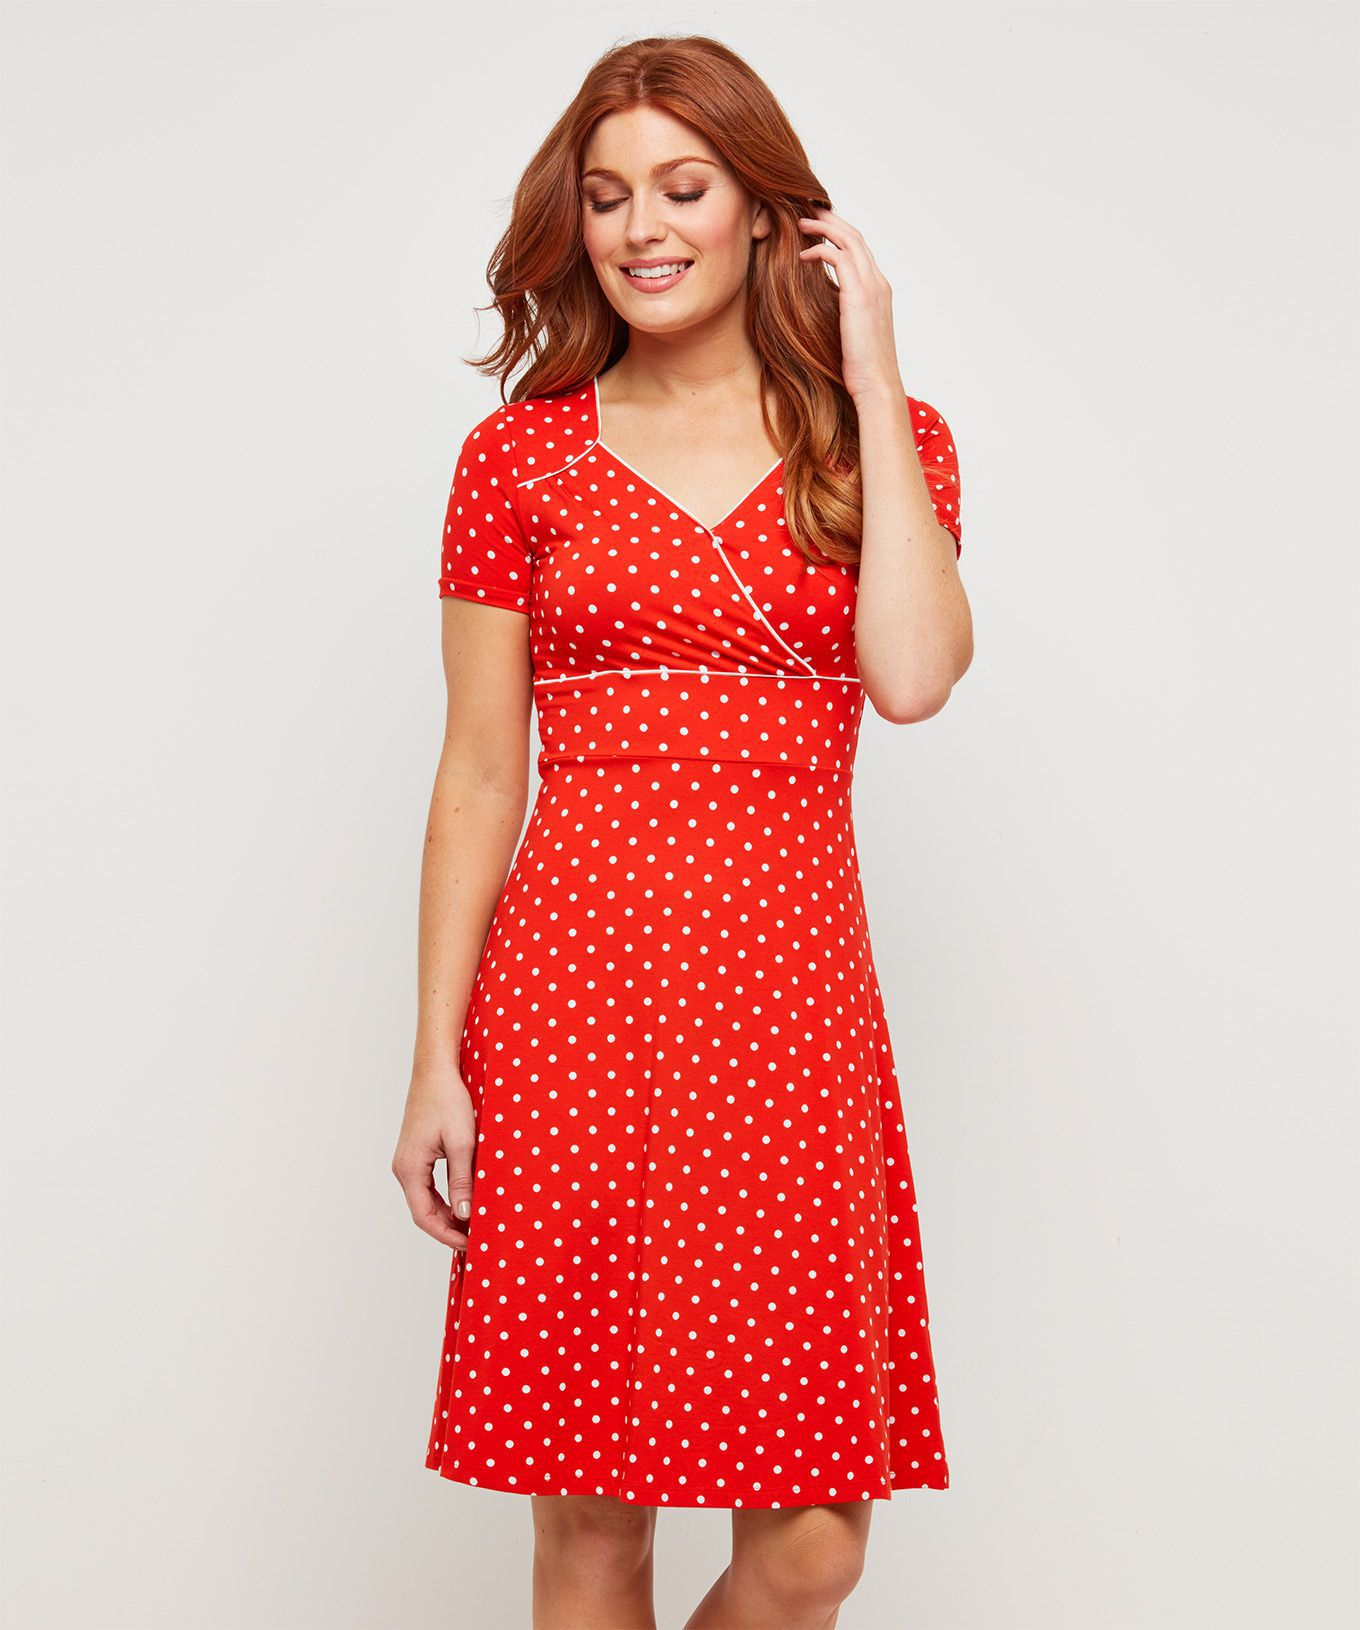 40ae494cdde2 Joe Browns Červené bodkované šaty - JoyStore.sk